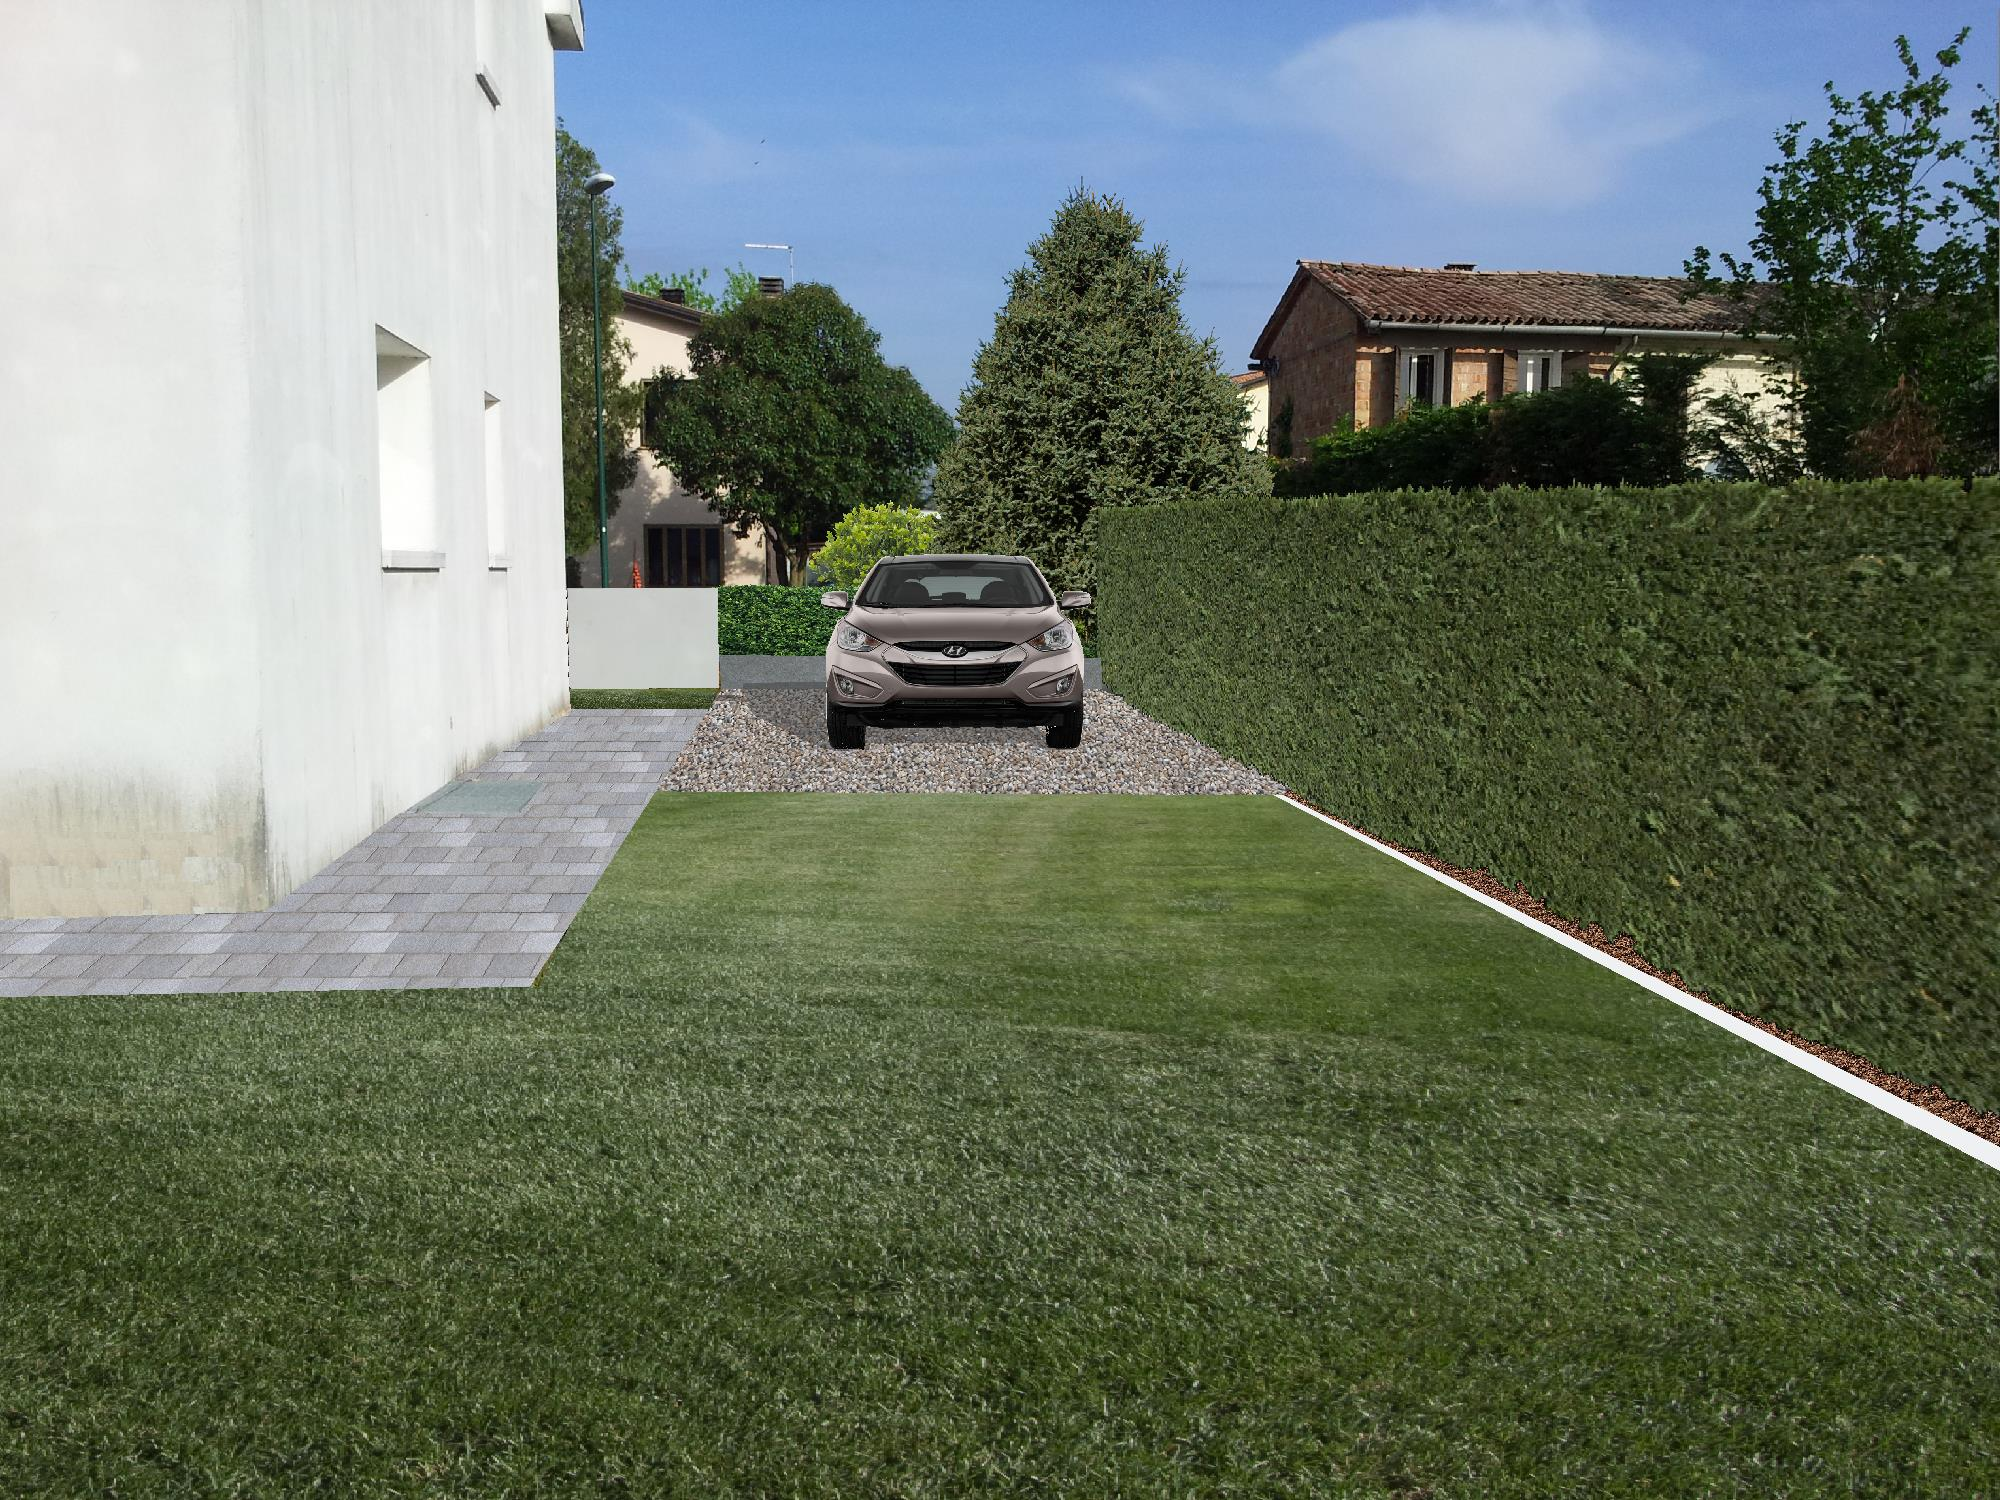 giardino in 3D con macchina